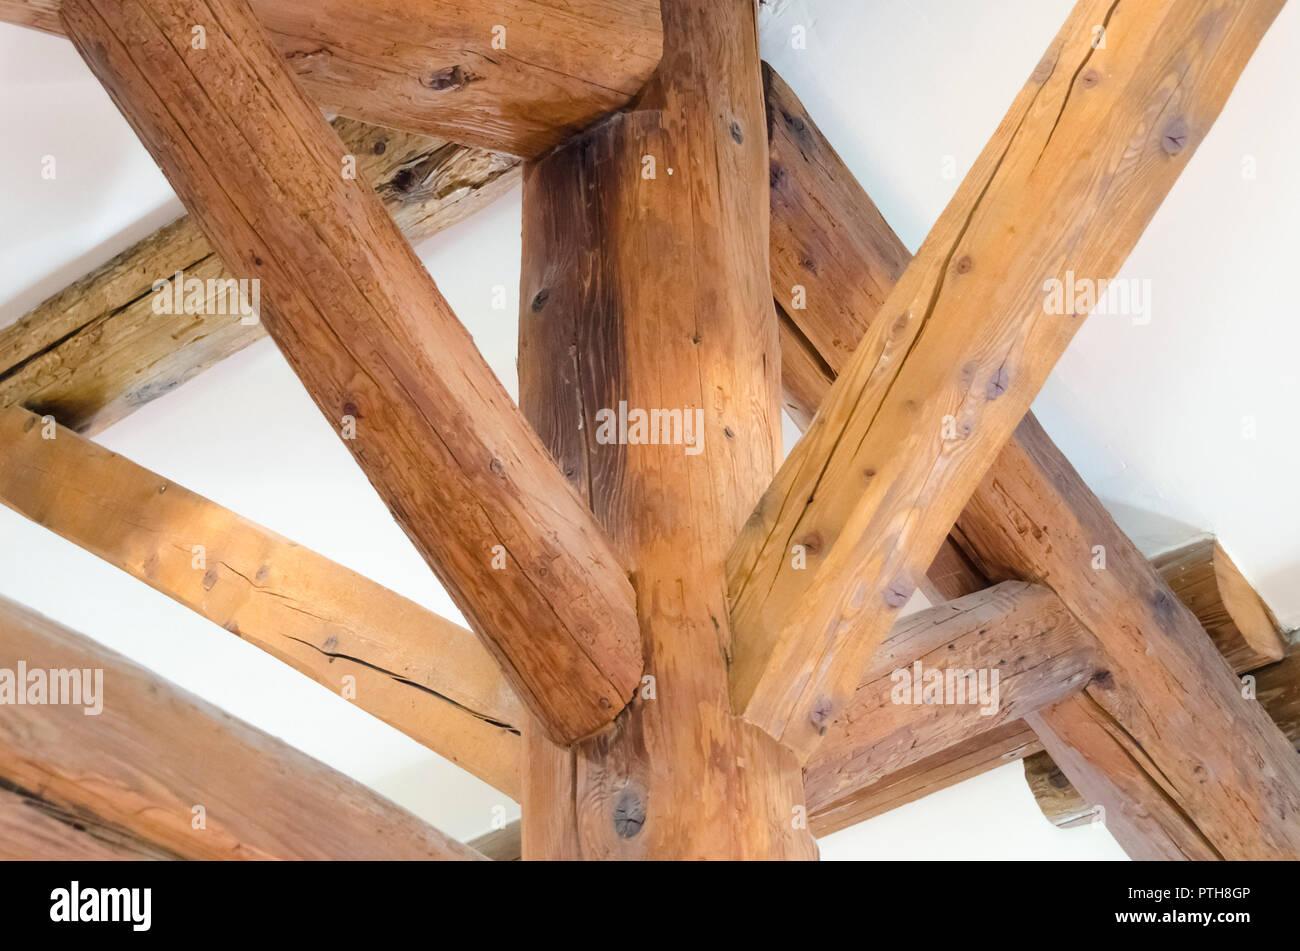 Vigas de madera ensambladas bajo techo Imagen De Stock